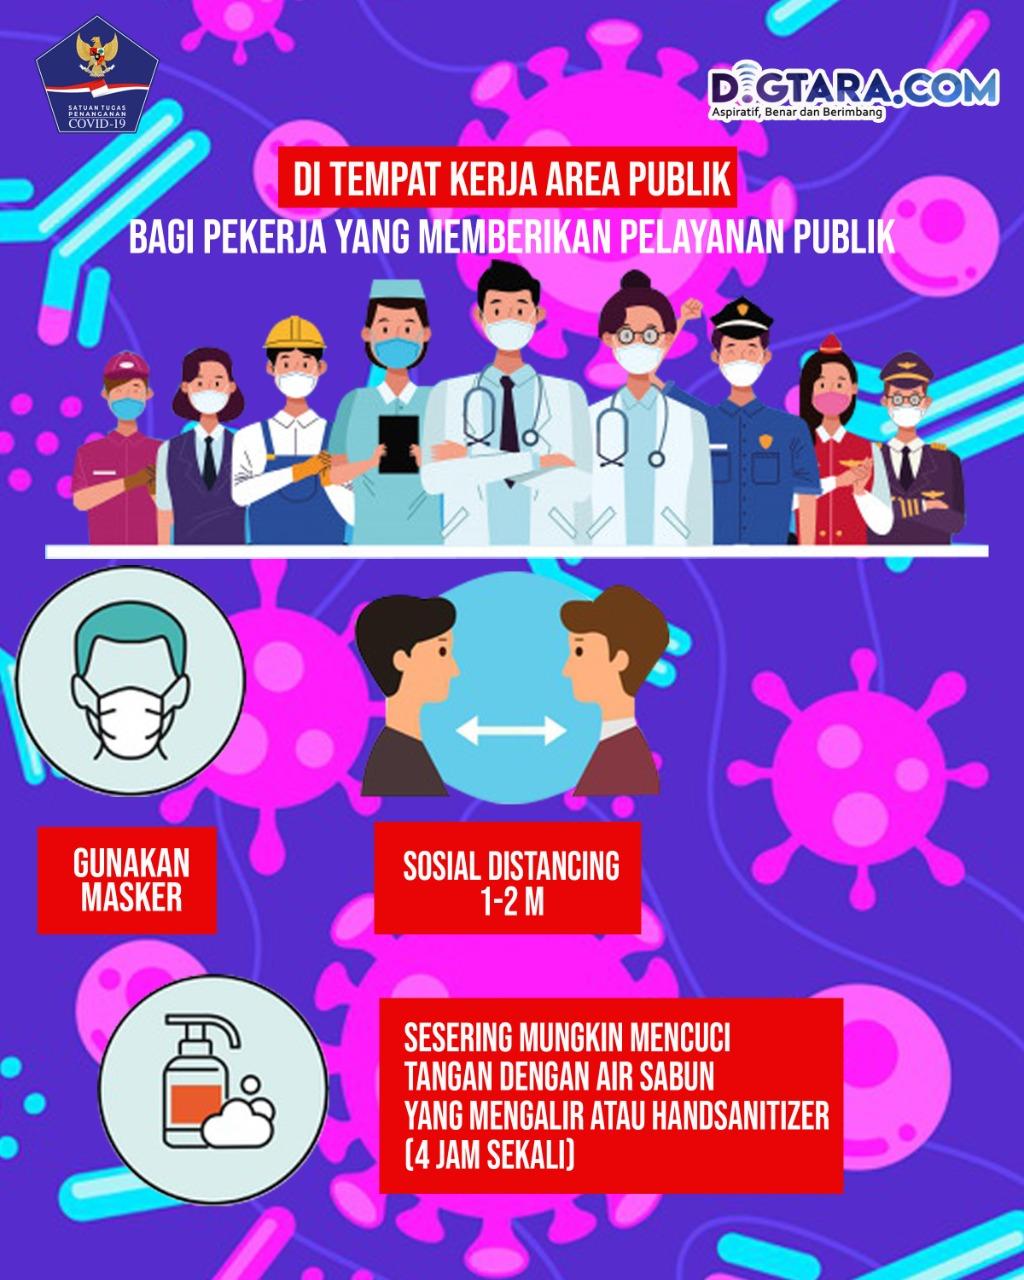 Infografis: Pedoman Protokol Kesehatan di Tempat Kerja dan Area Publik